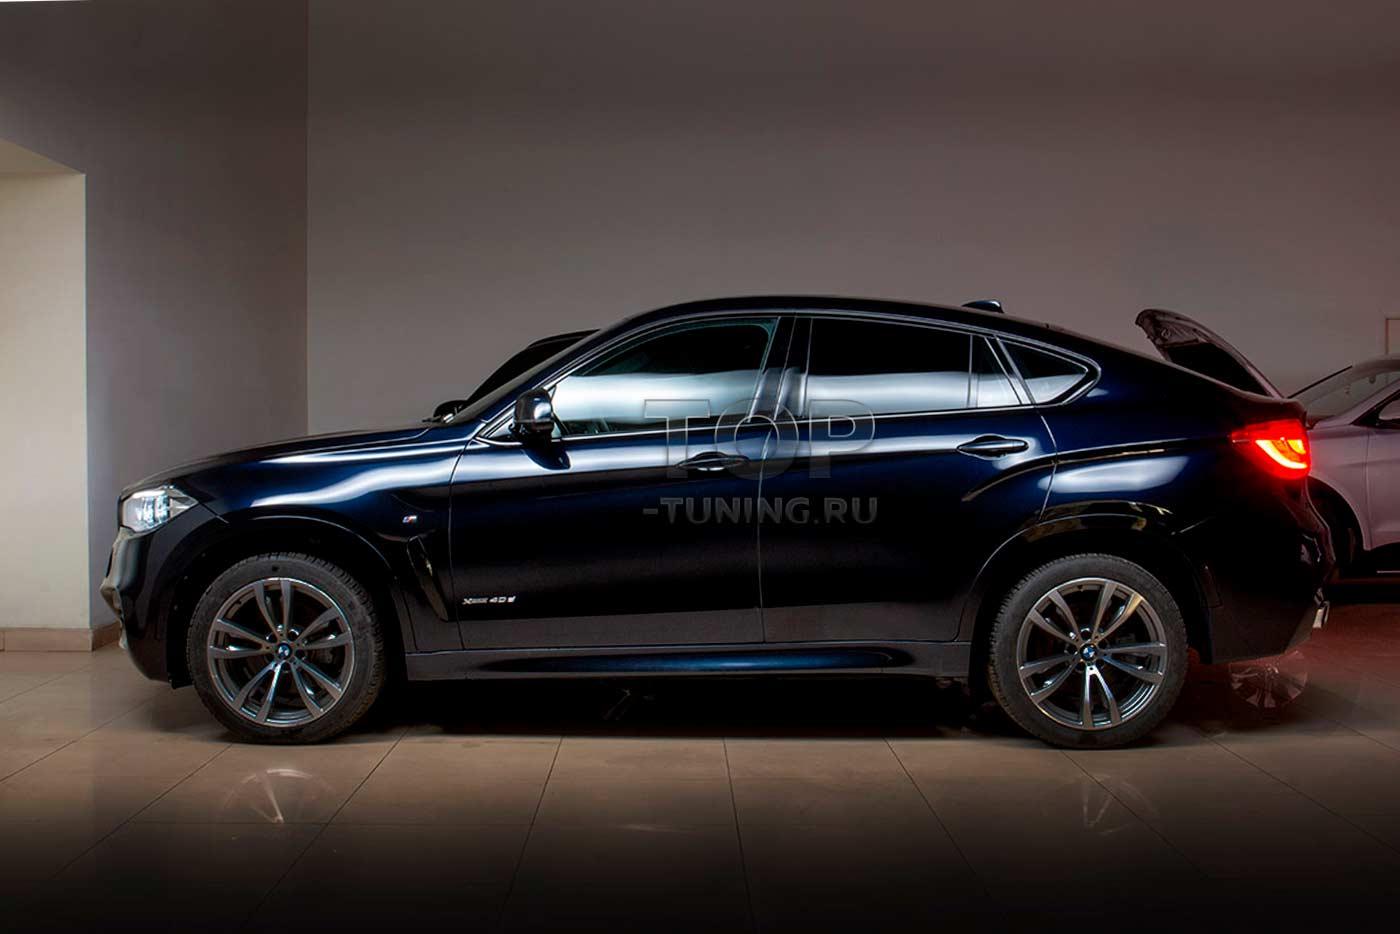 ДОСТОЙНЫЙ ЗВУК МОТОРА ДЛЯ ДИЗЕЛЬНОГО BMW X6 F16 2019